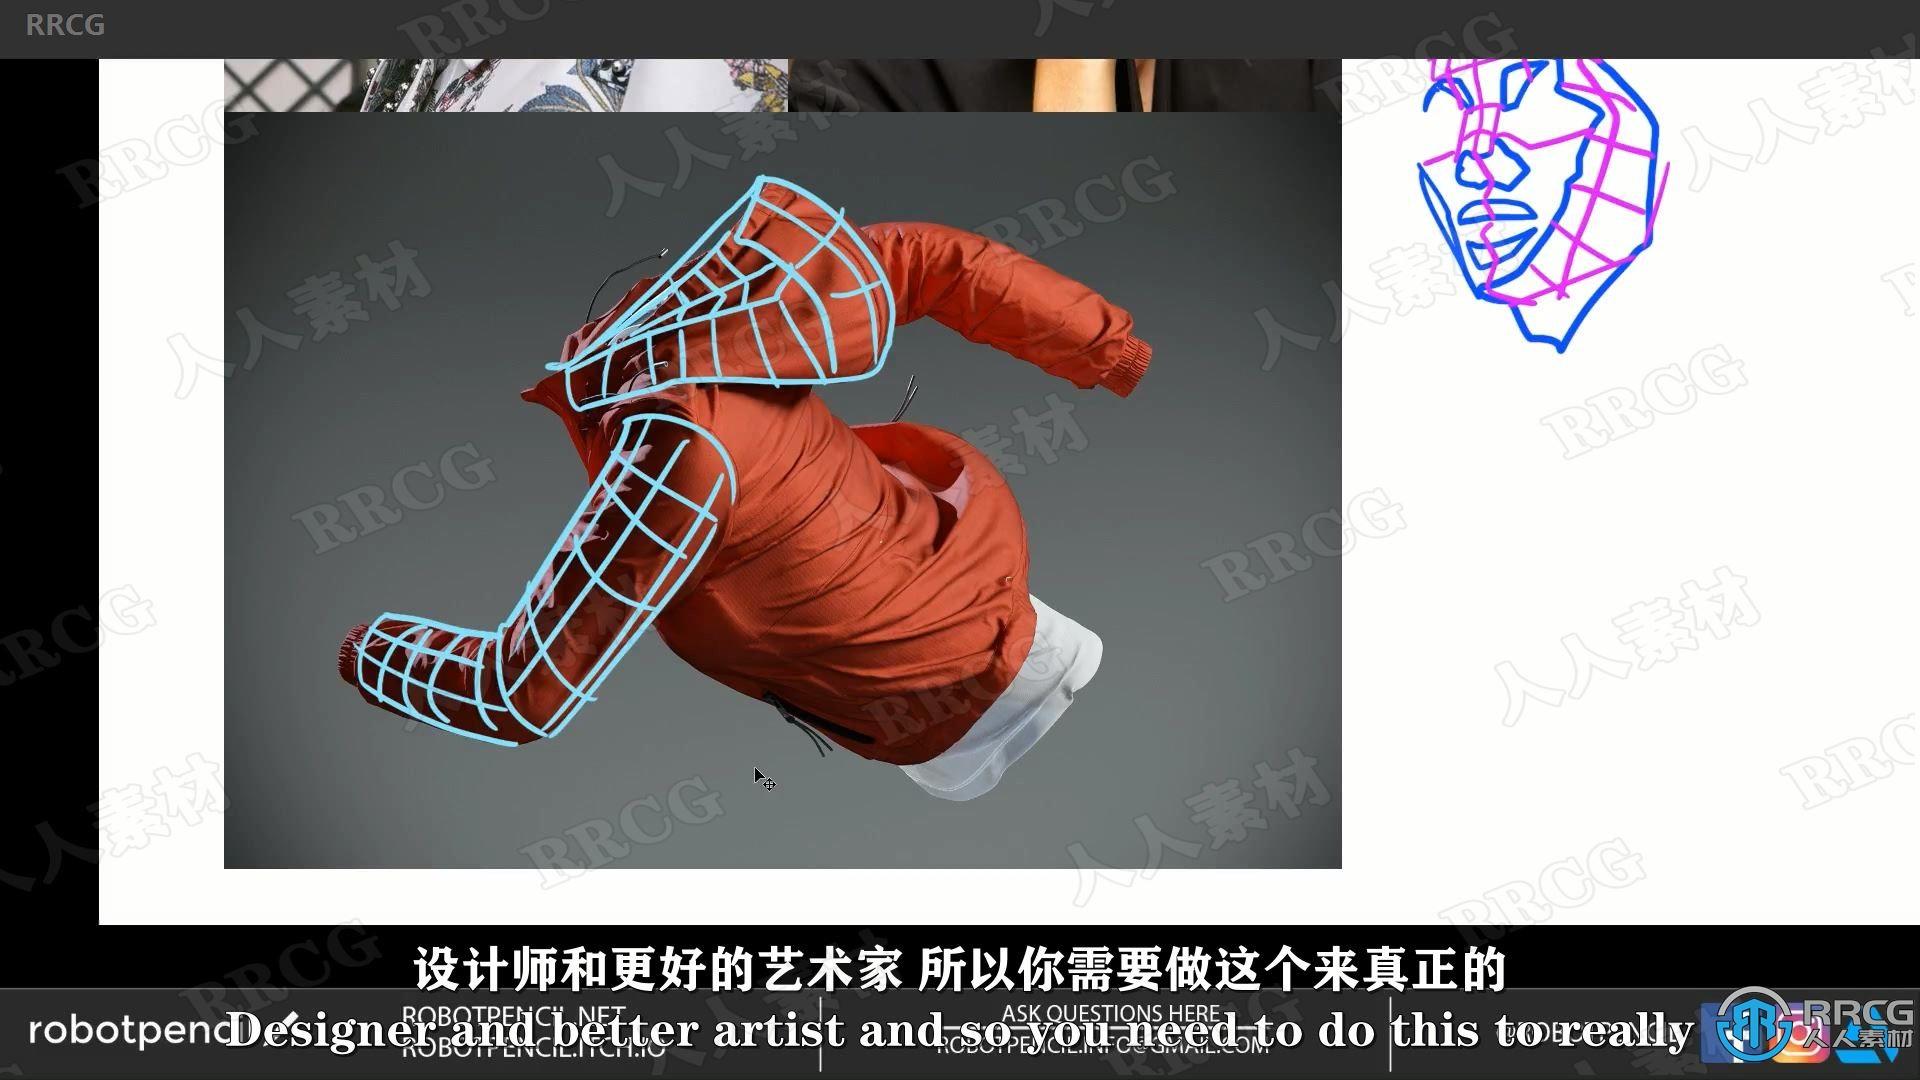 【中文字幕】构建复杂体积形式数字绘画技术视频教程